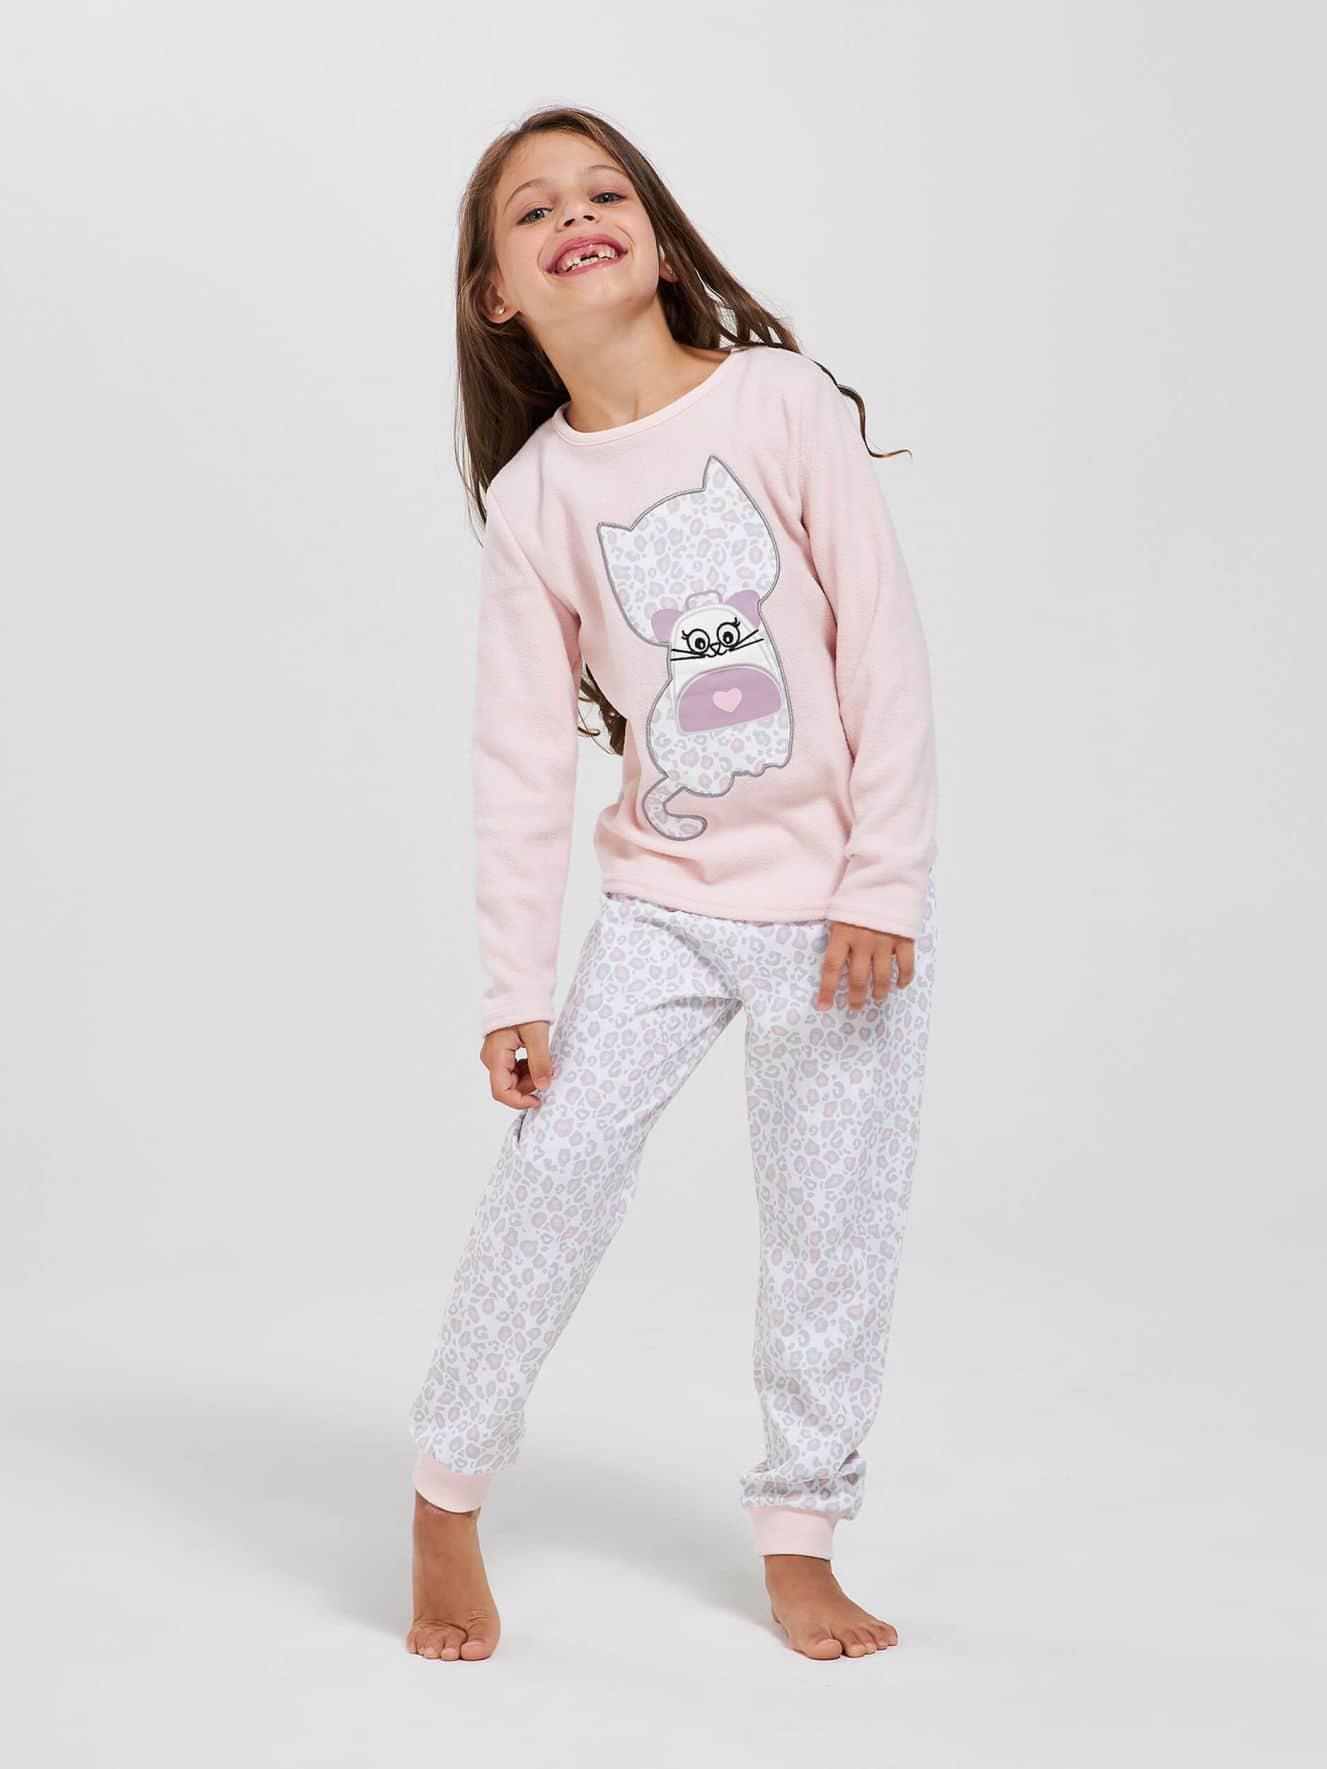 Intimo Bambina Kids